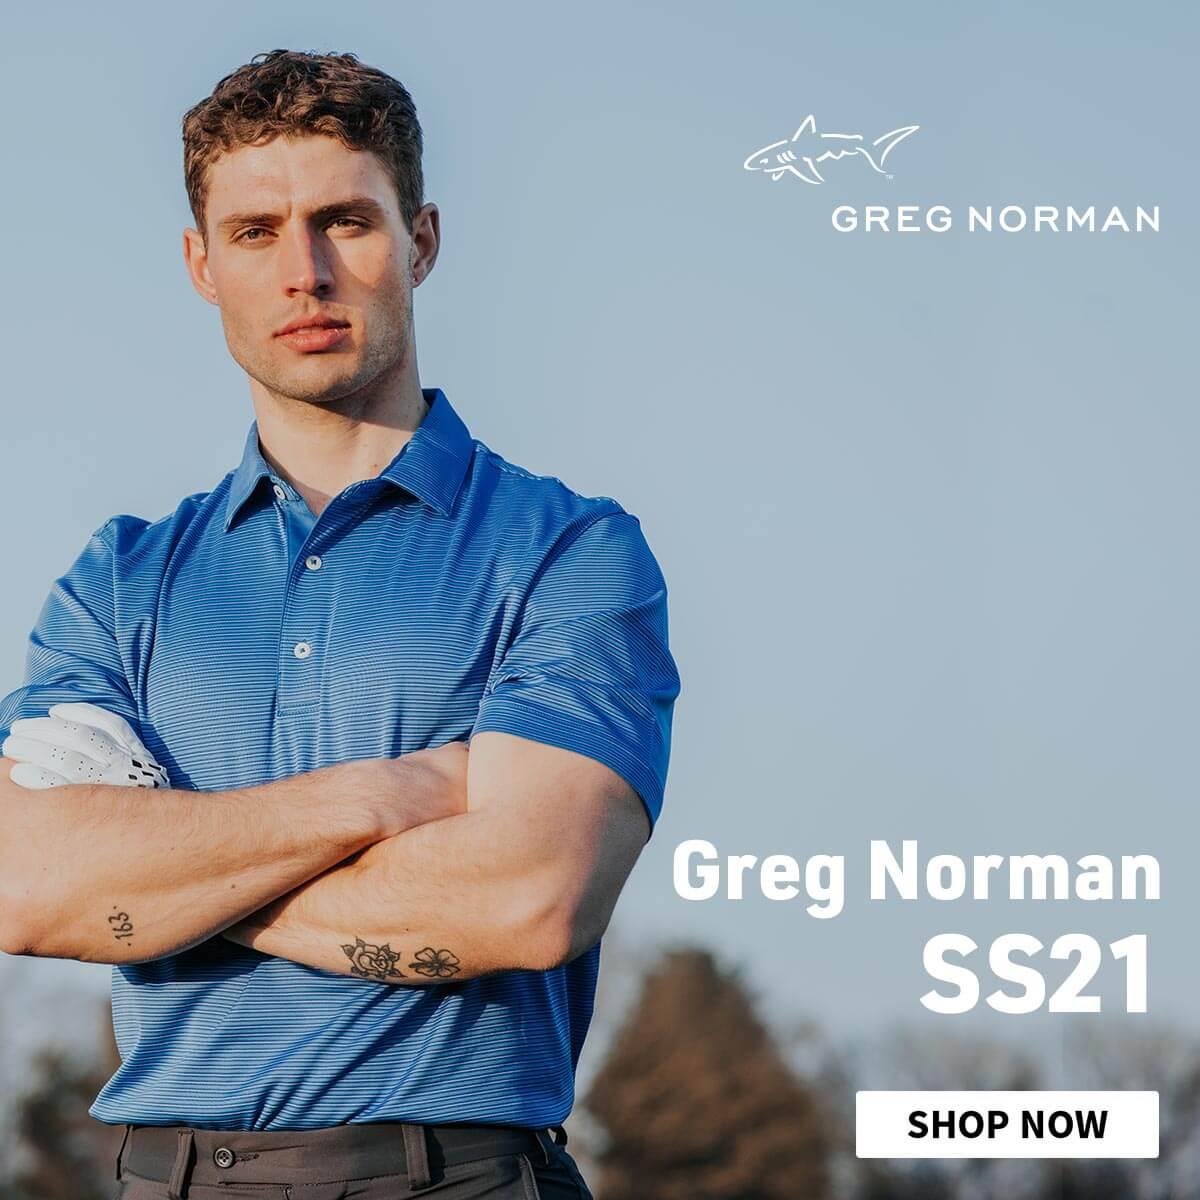 GREG NORMAN SS21